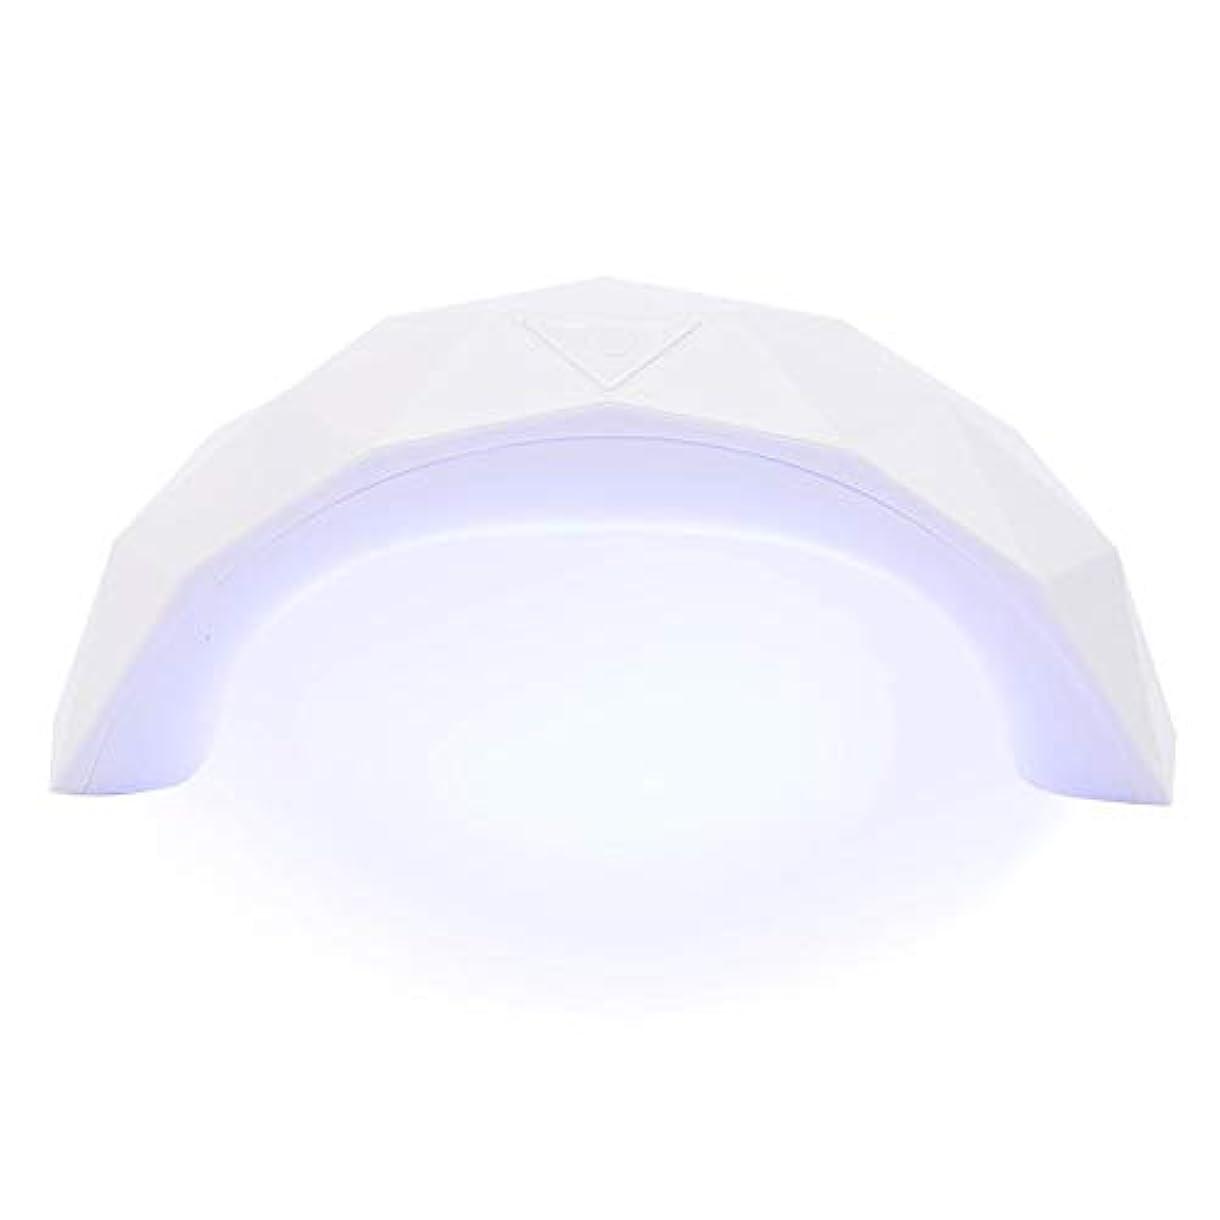 ビリー新鮮なパウダー硬化用ライト 9W  LED UV ネイルドライヤー 赤外線美白機能付き スマートライトミニ